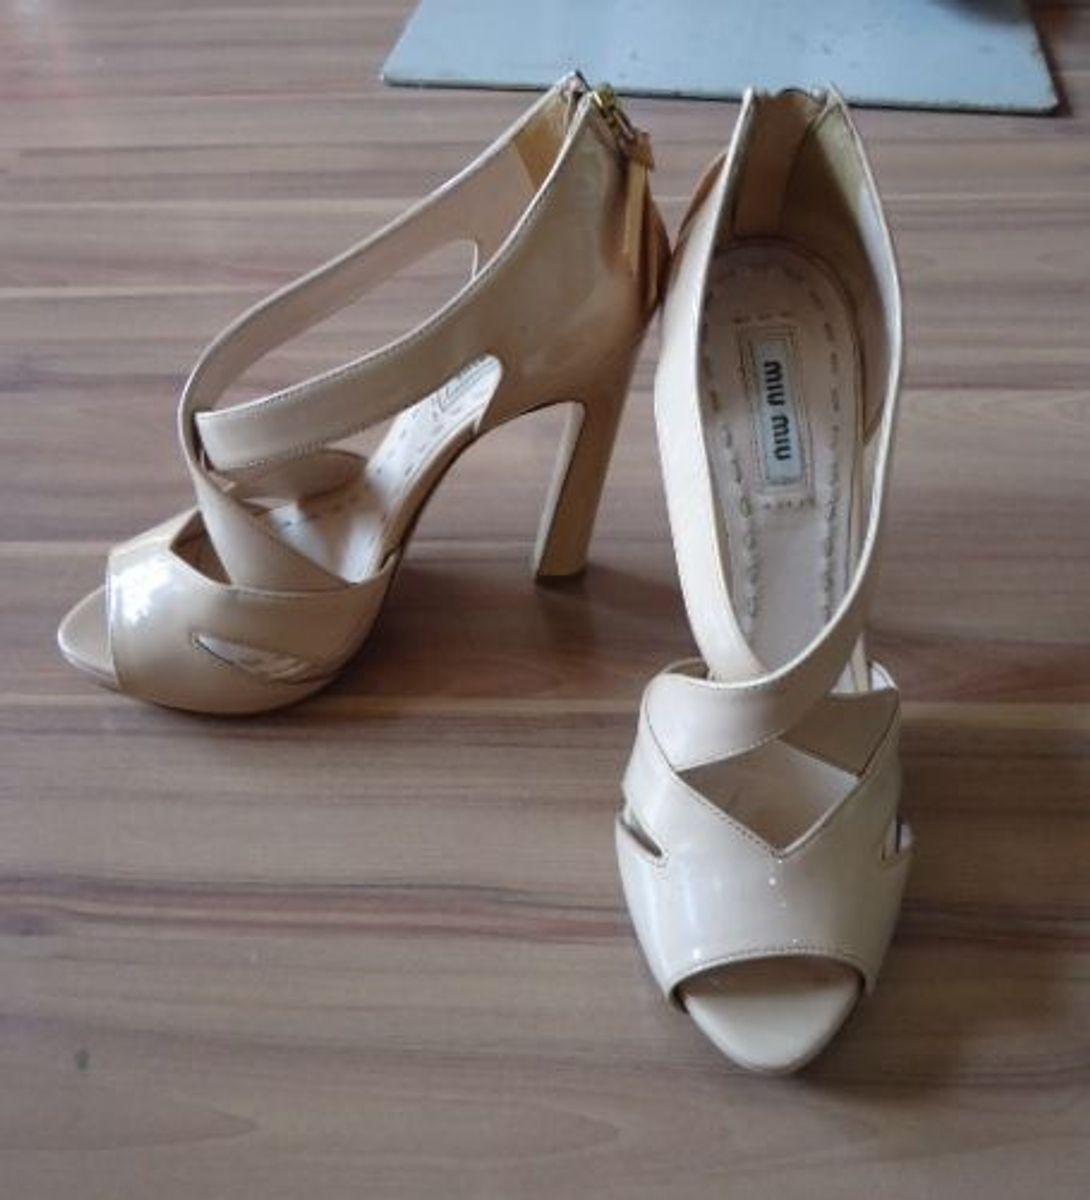 sandalia miu miu - sandálias miu-miu